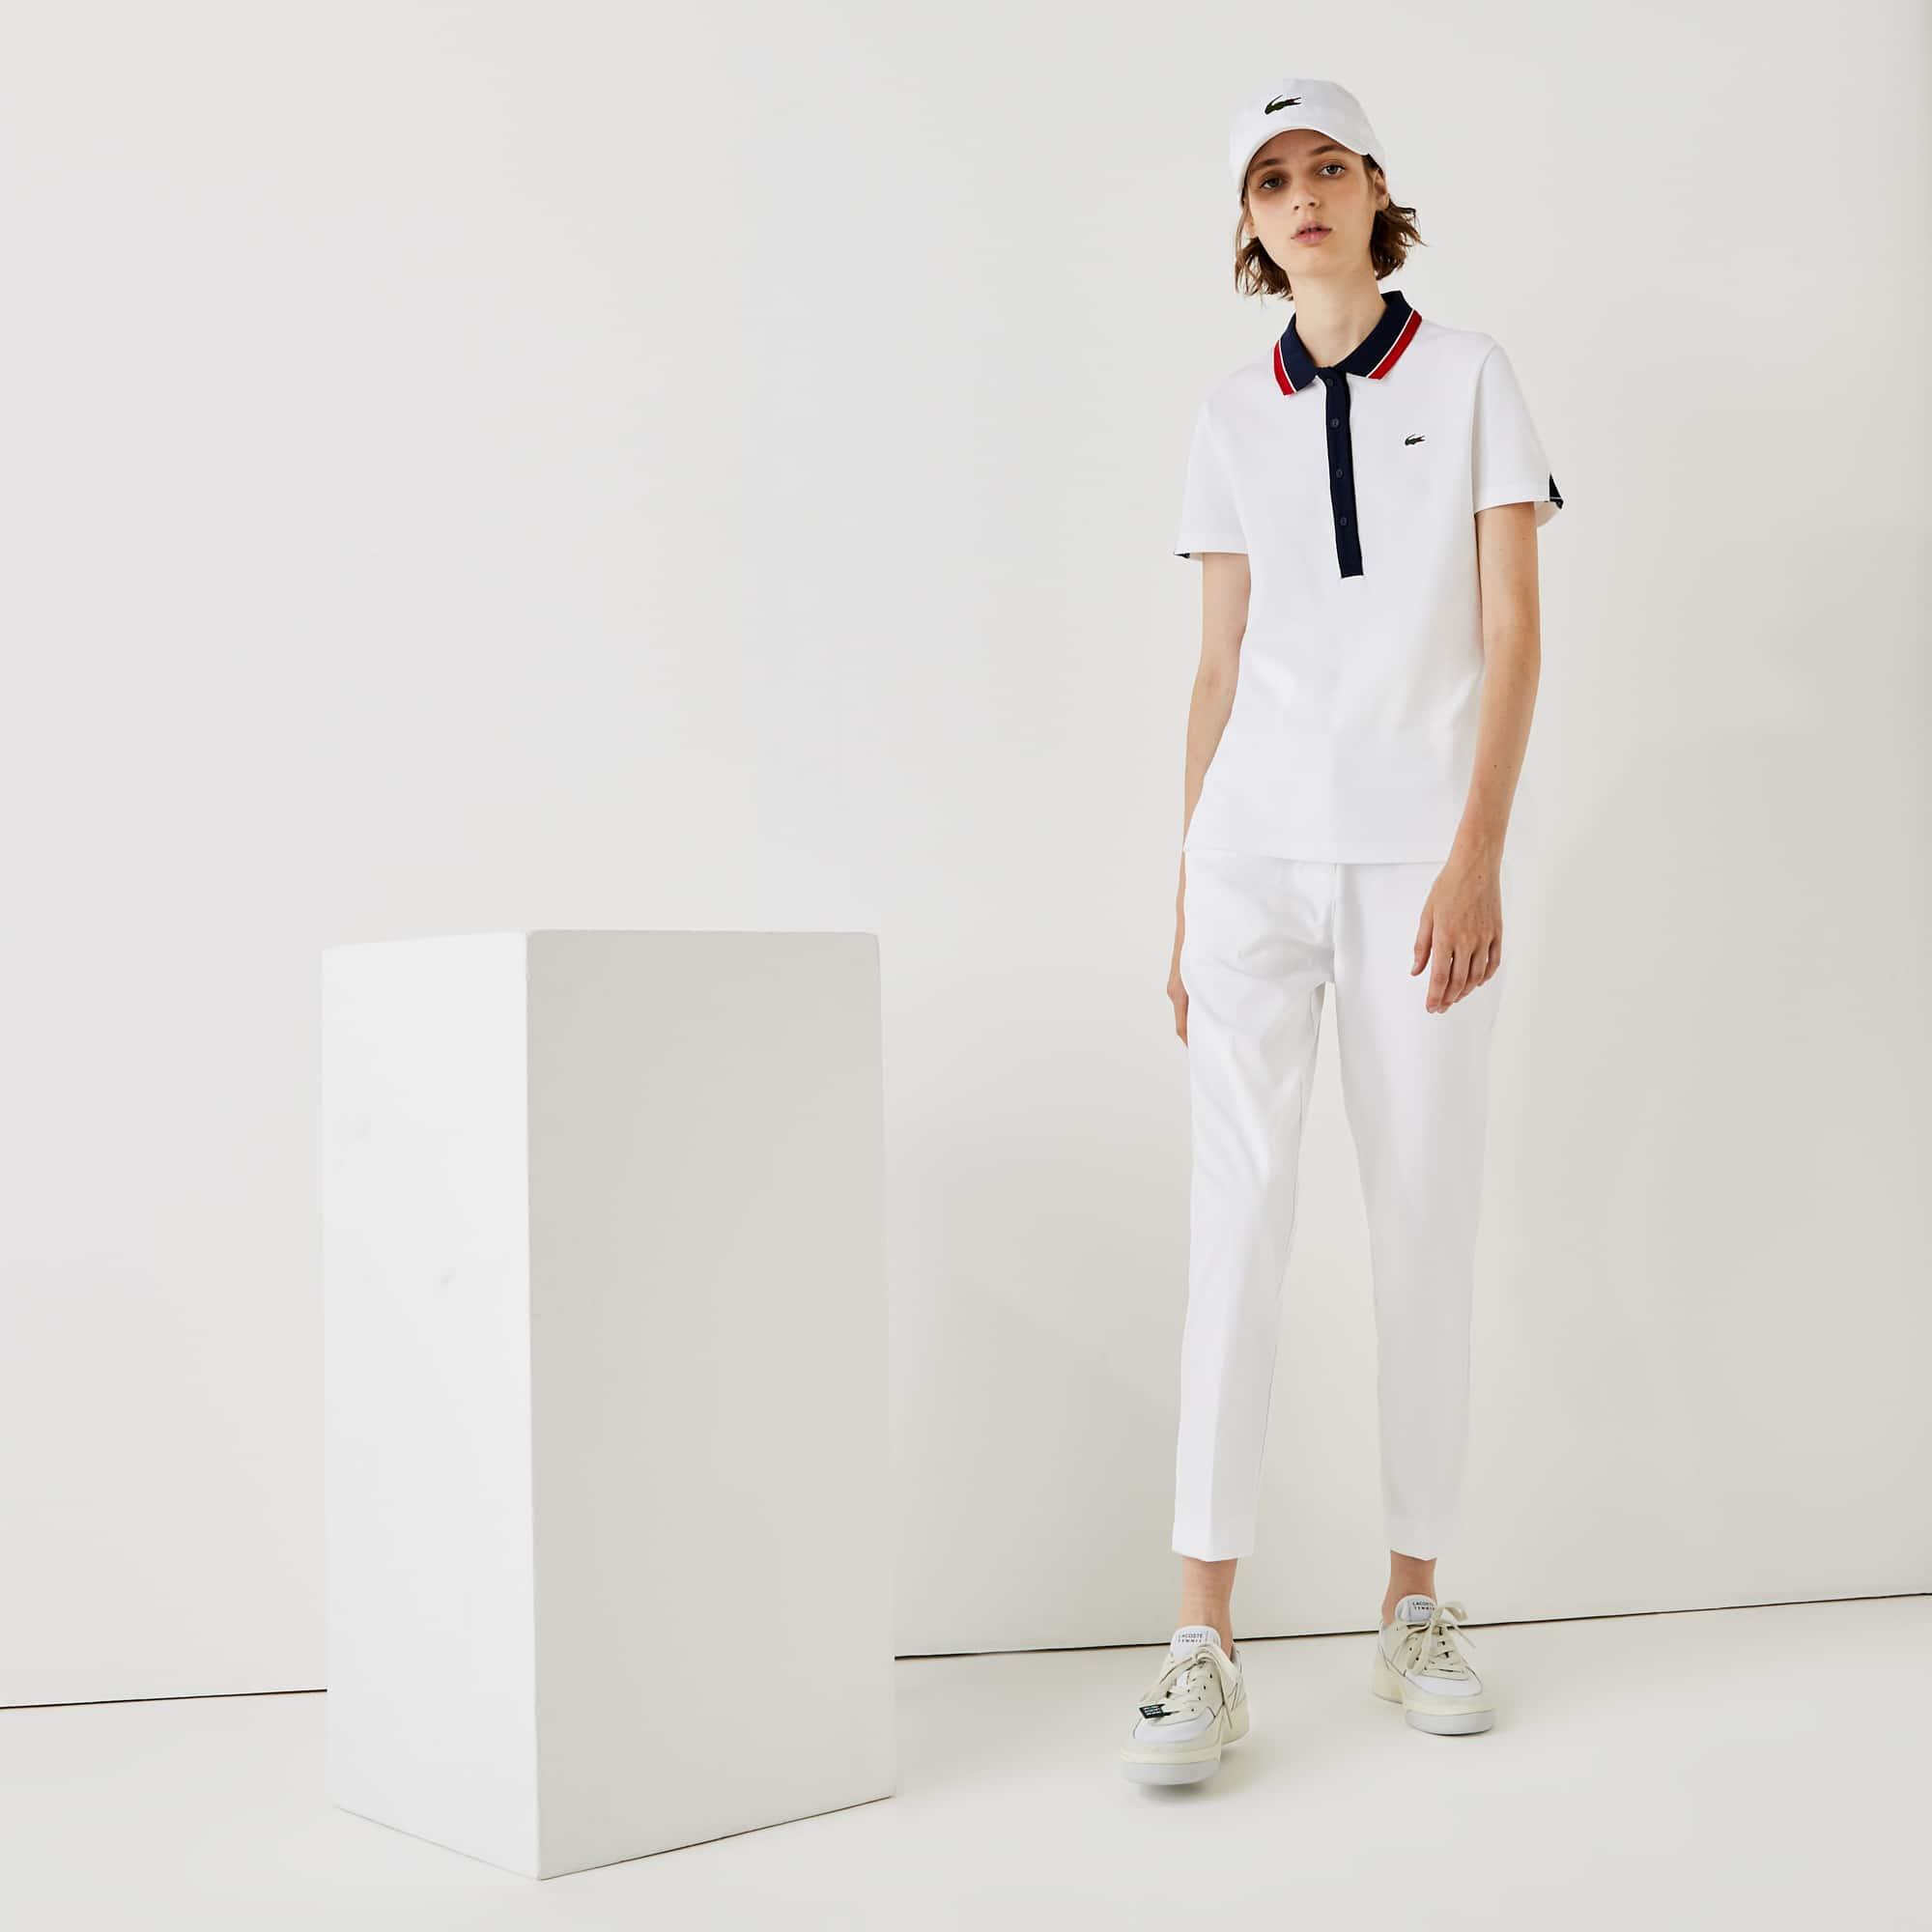 라코스테 스포츠 골프 퍼포먼스 팬츠 - 화이트 Lacoste Women's SPORT Performance Golf Pants